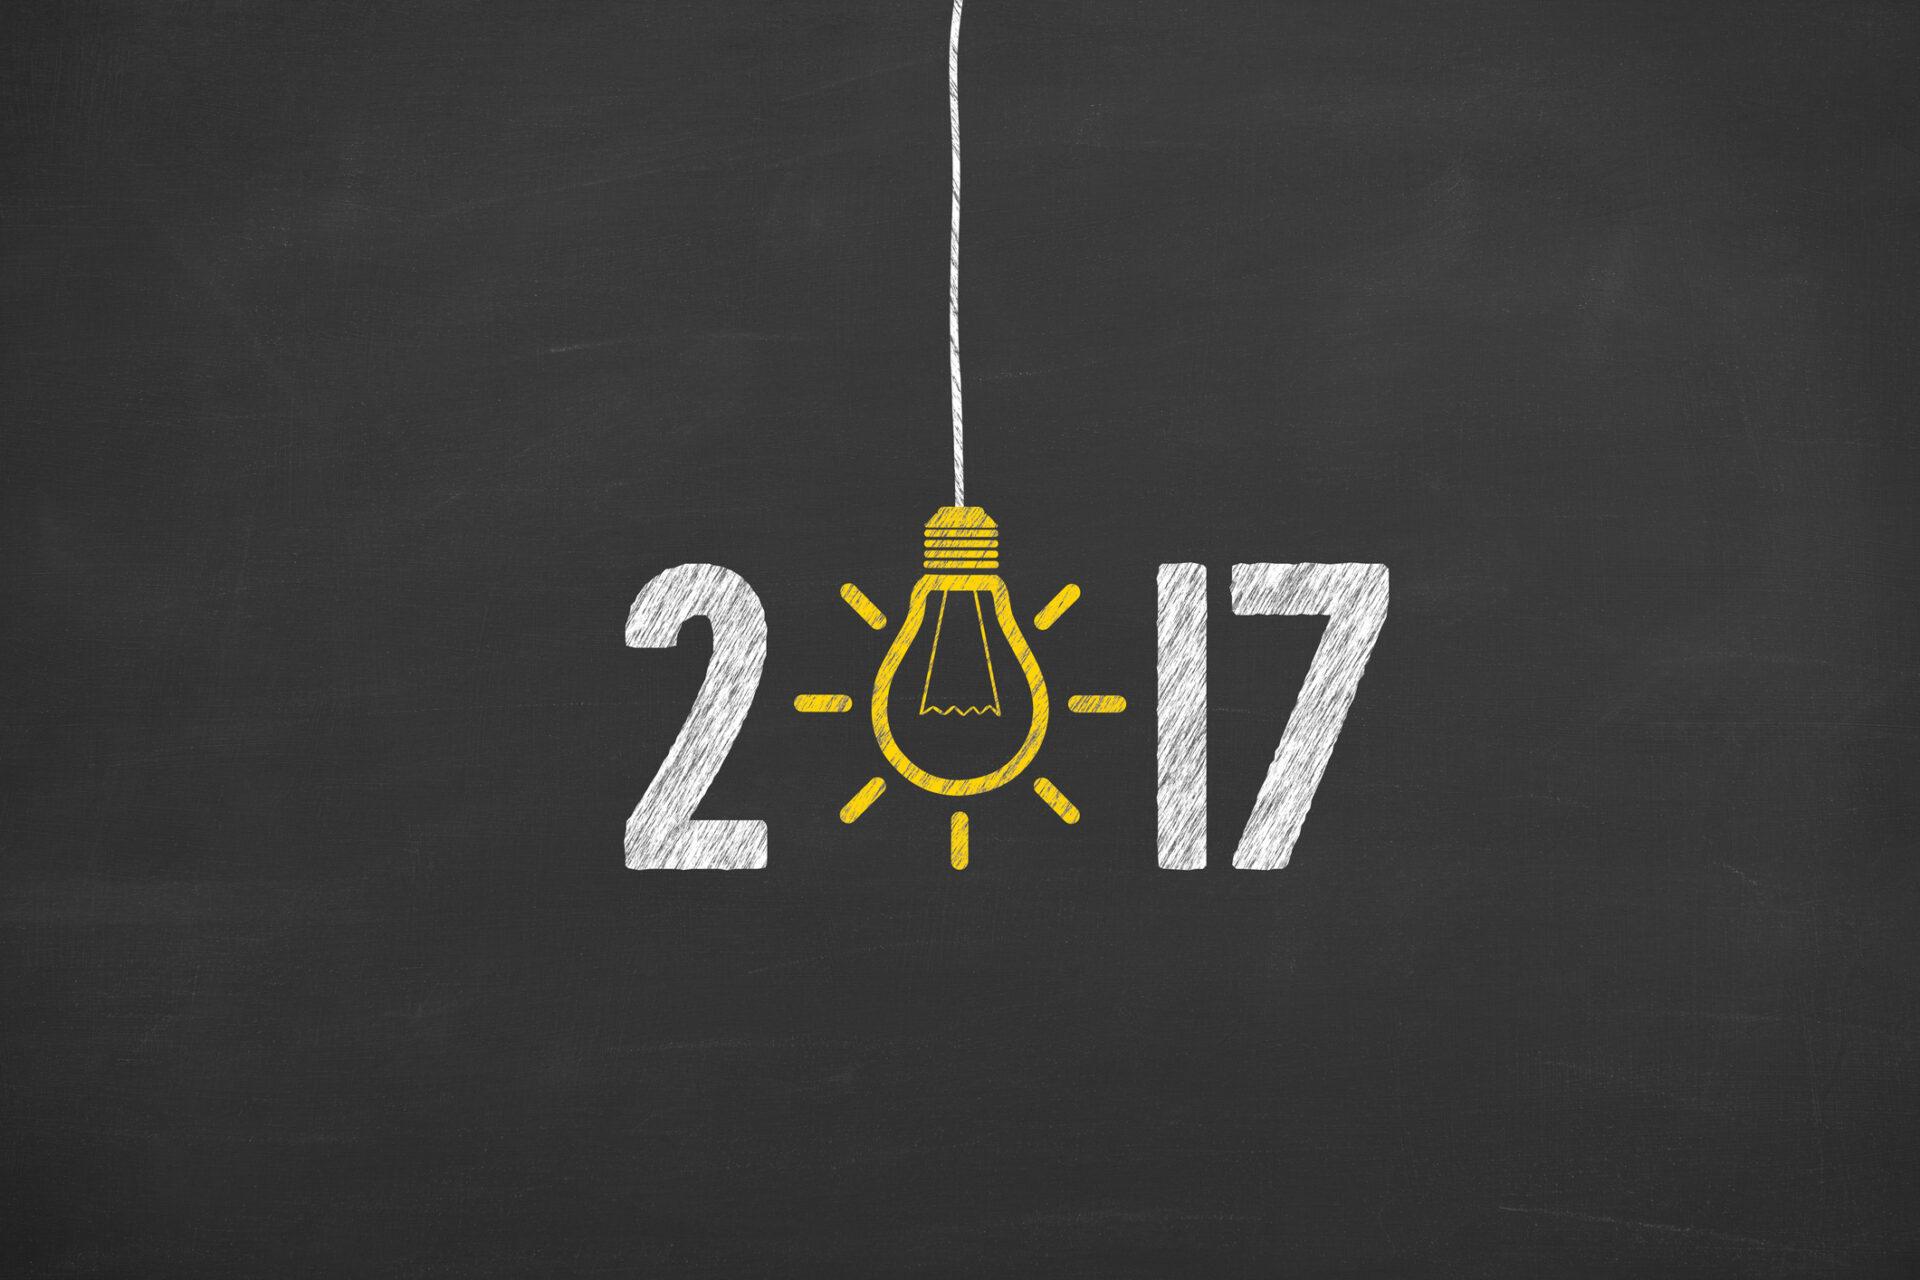 2017, quelles bonnes resolutions pour mon entreprise ?